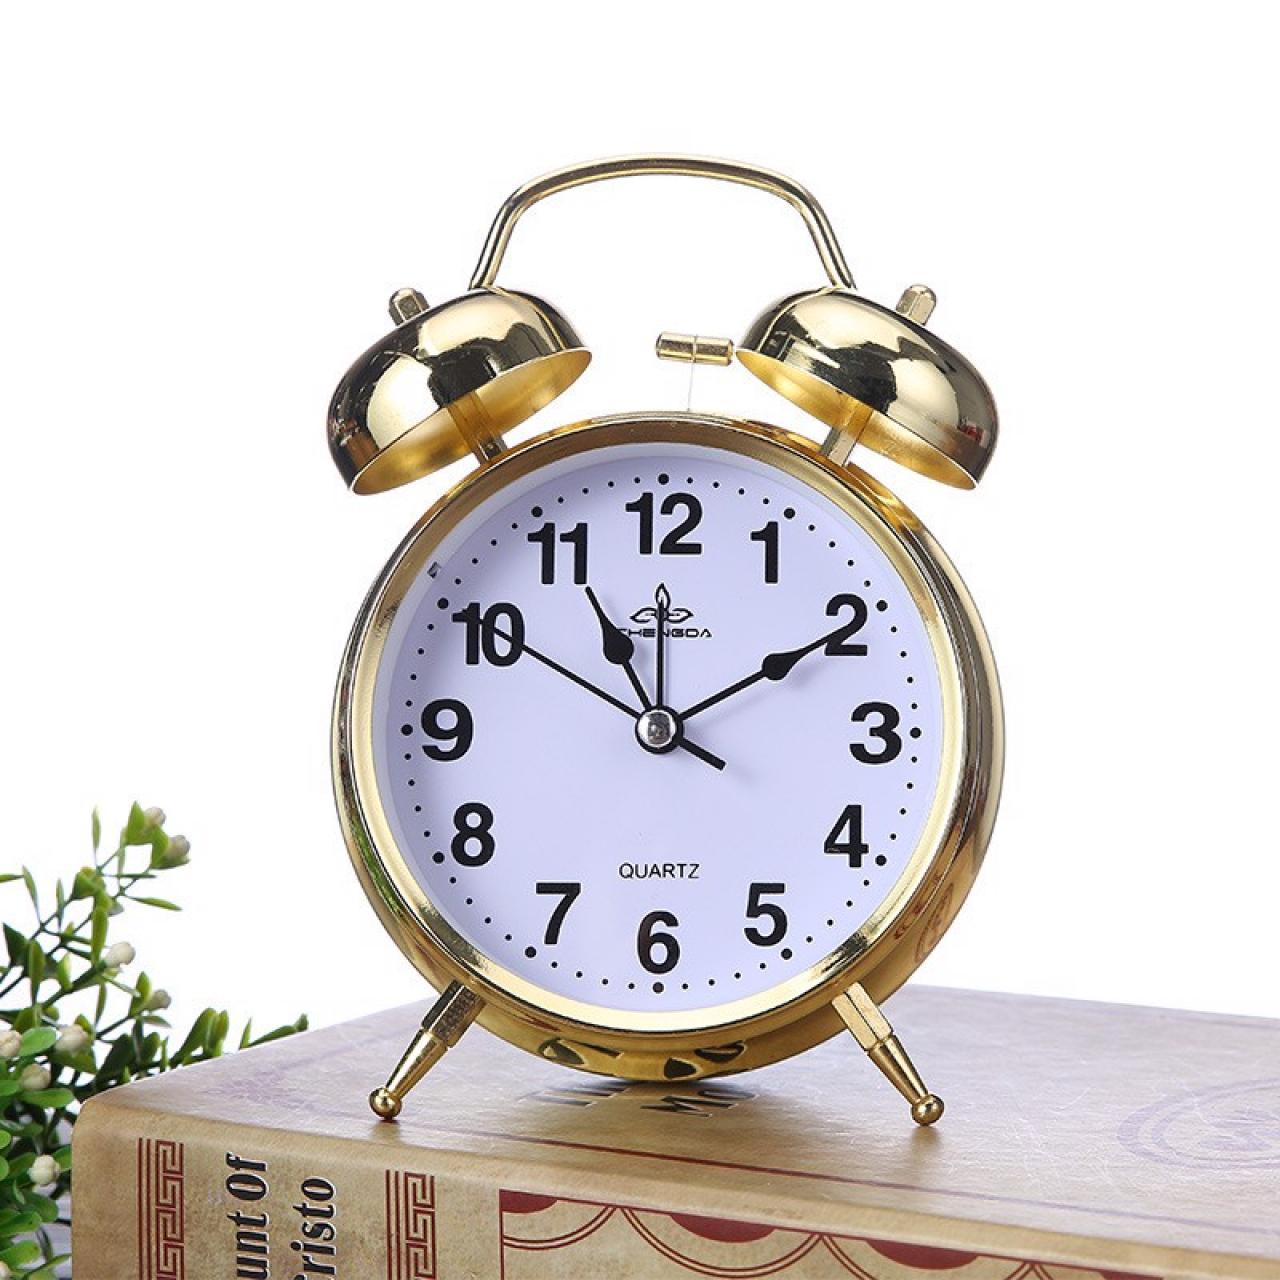 top 10 bai van mau ta cai dong ho bao thuc 9 - Top 10 bài văn mẫu tả cái đồng hồ báo thức